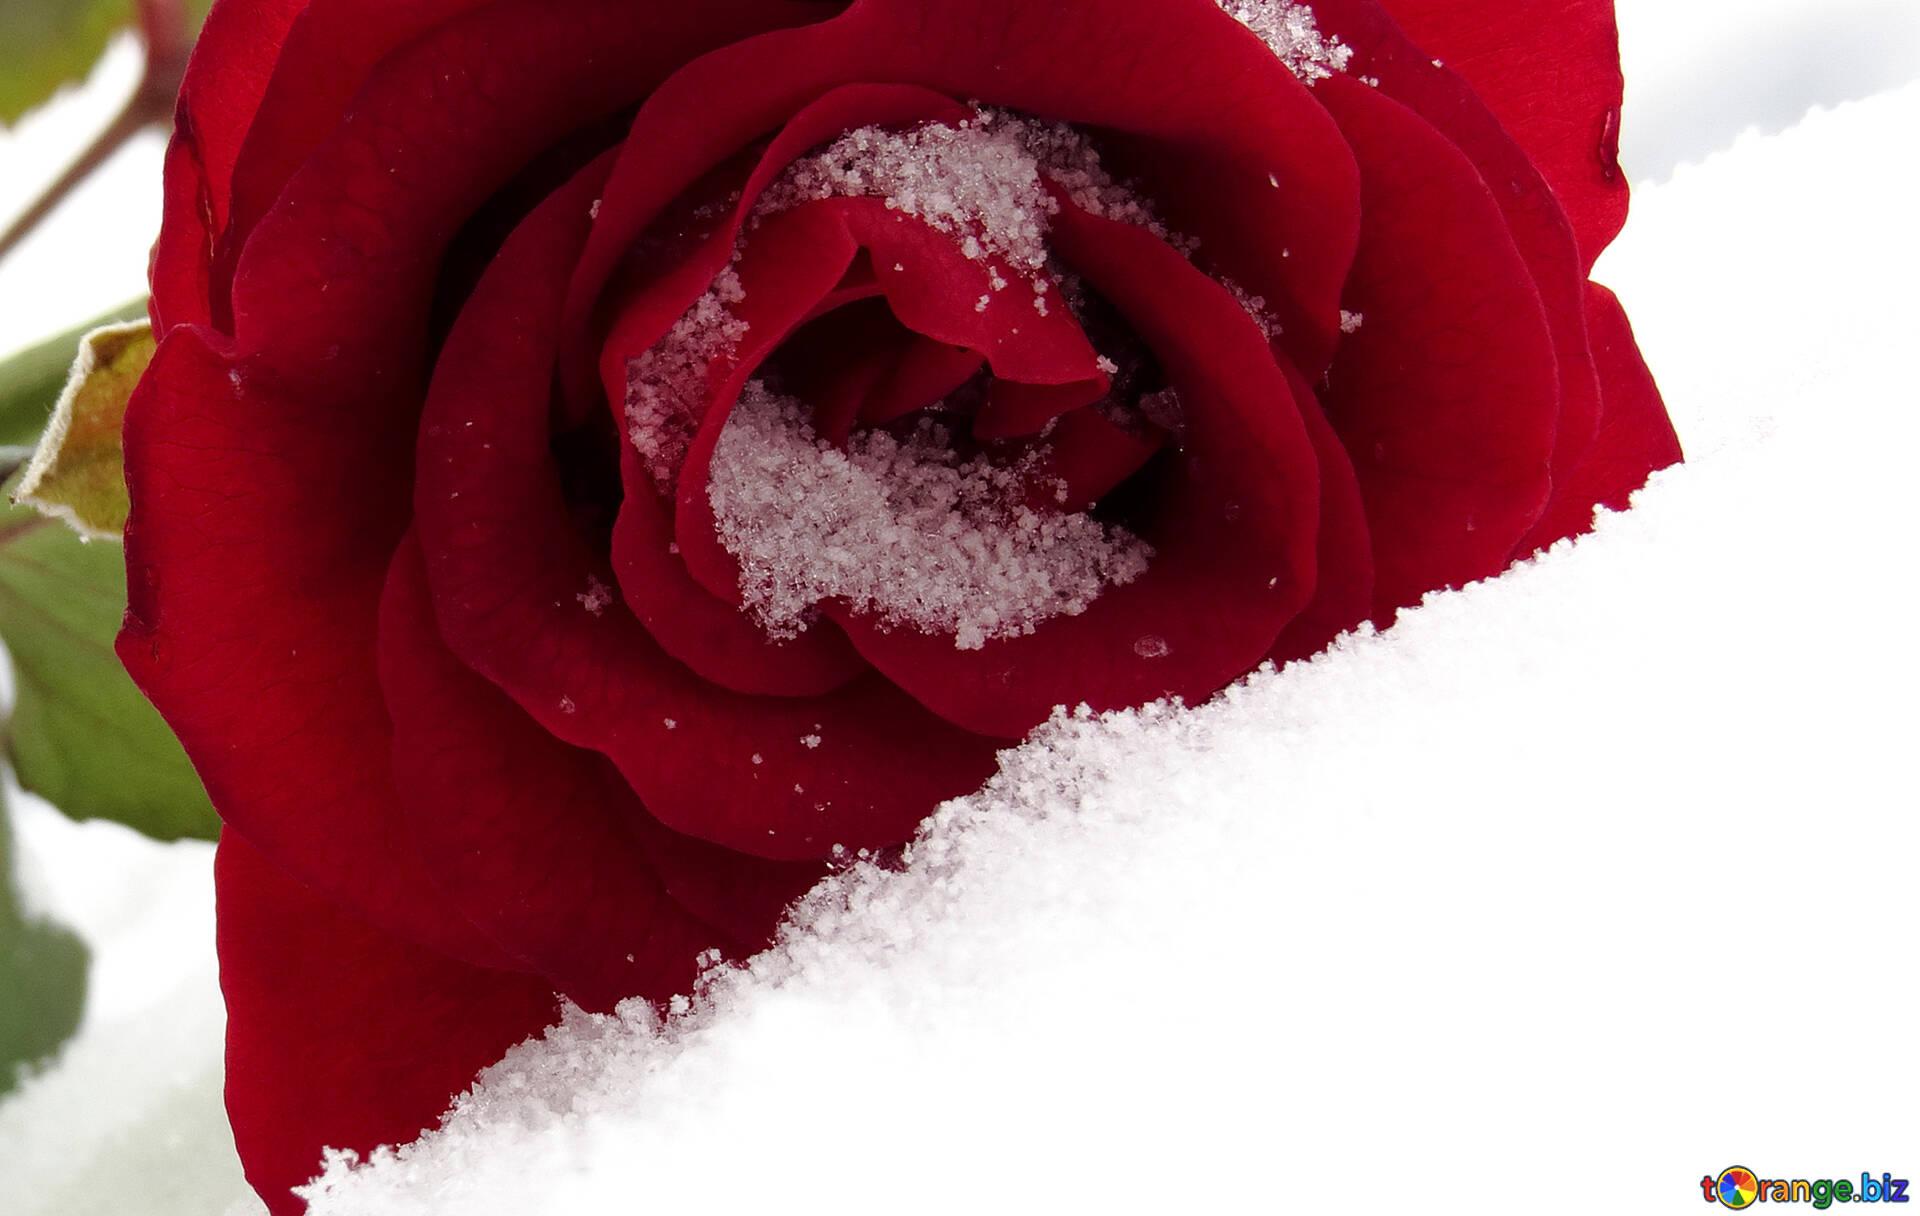 Открытки днем, картинка розы в снегу